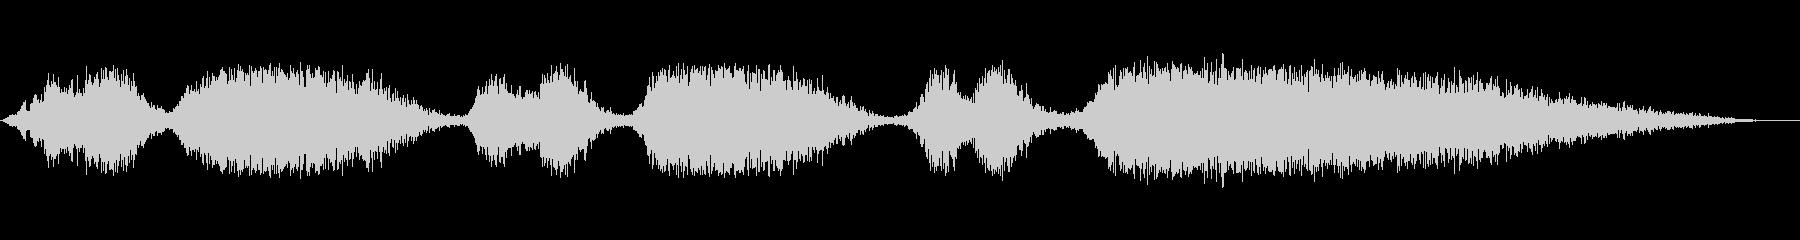 中級スタジオオーディエンス:「HI...の未再生の波形